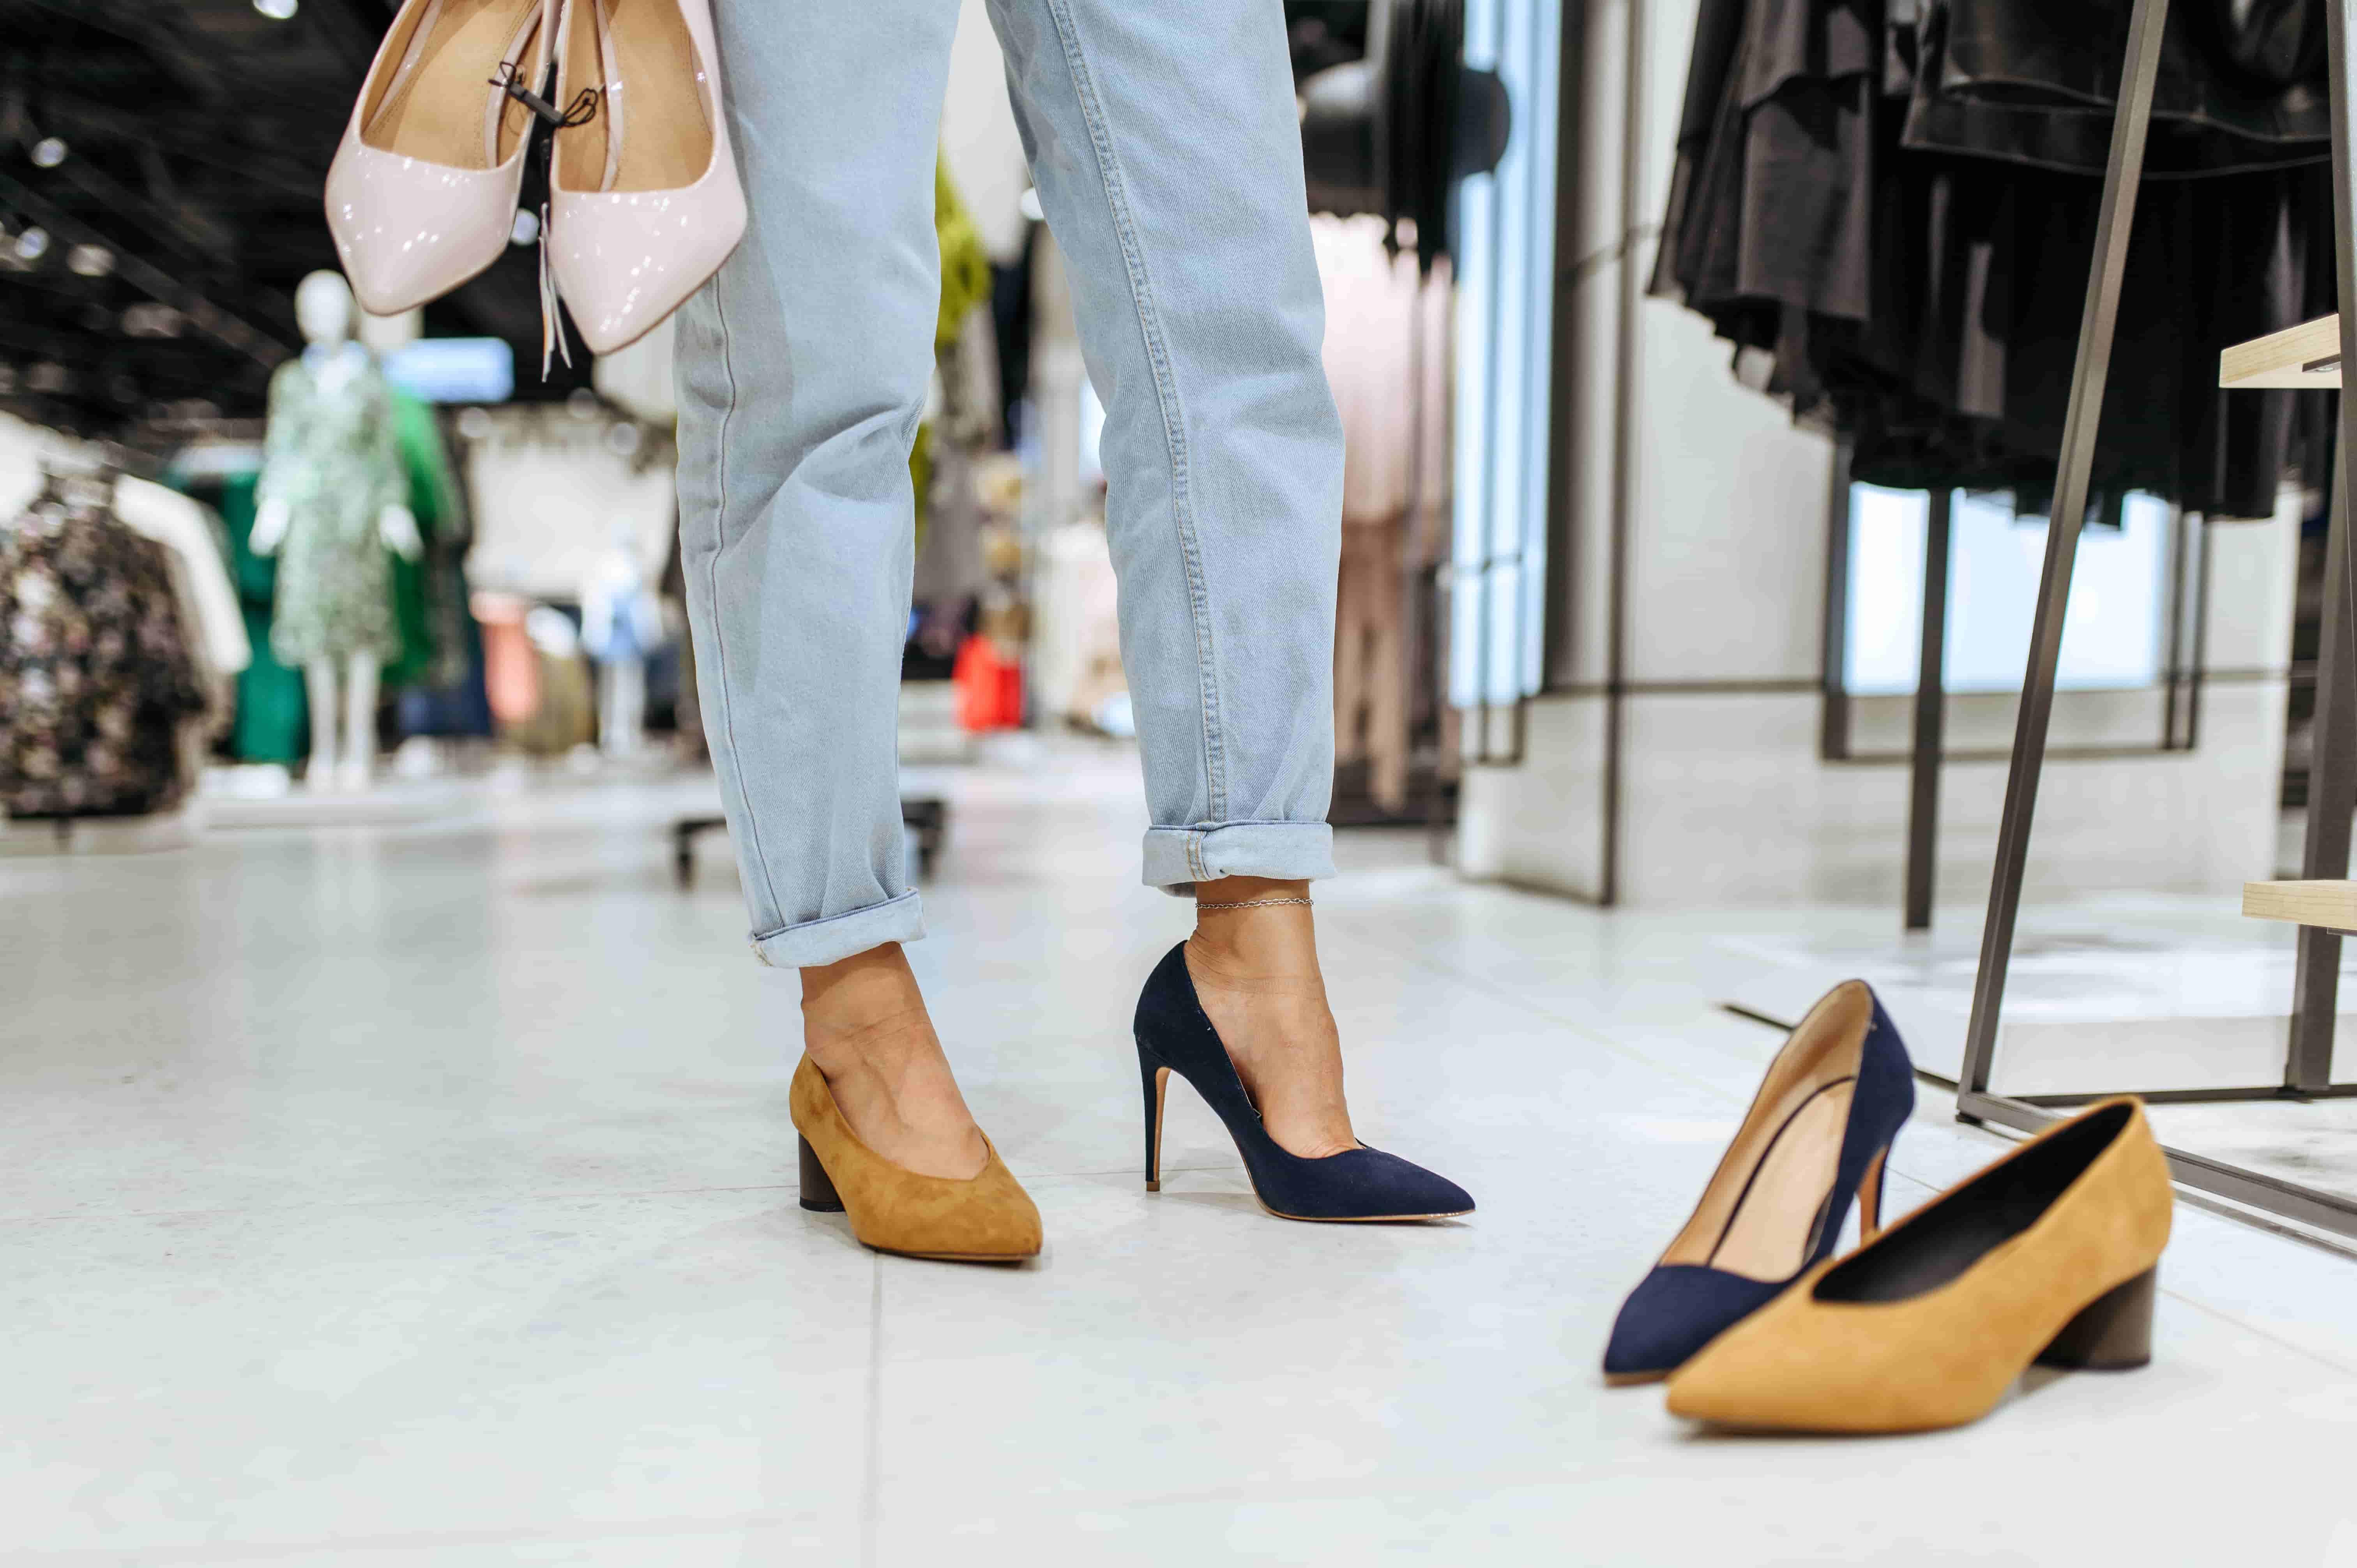 Как ухаживать за замшевой обувью. Правильный уход за замшей в домашних условиях